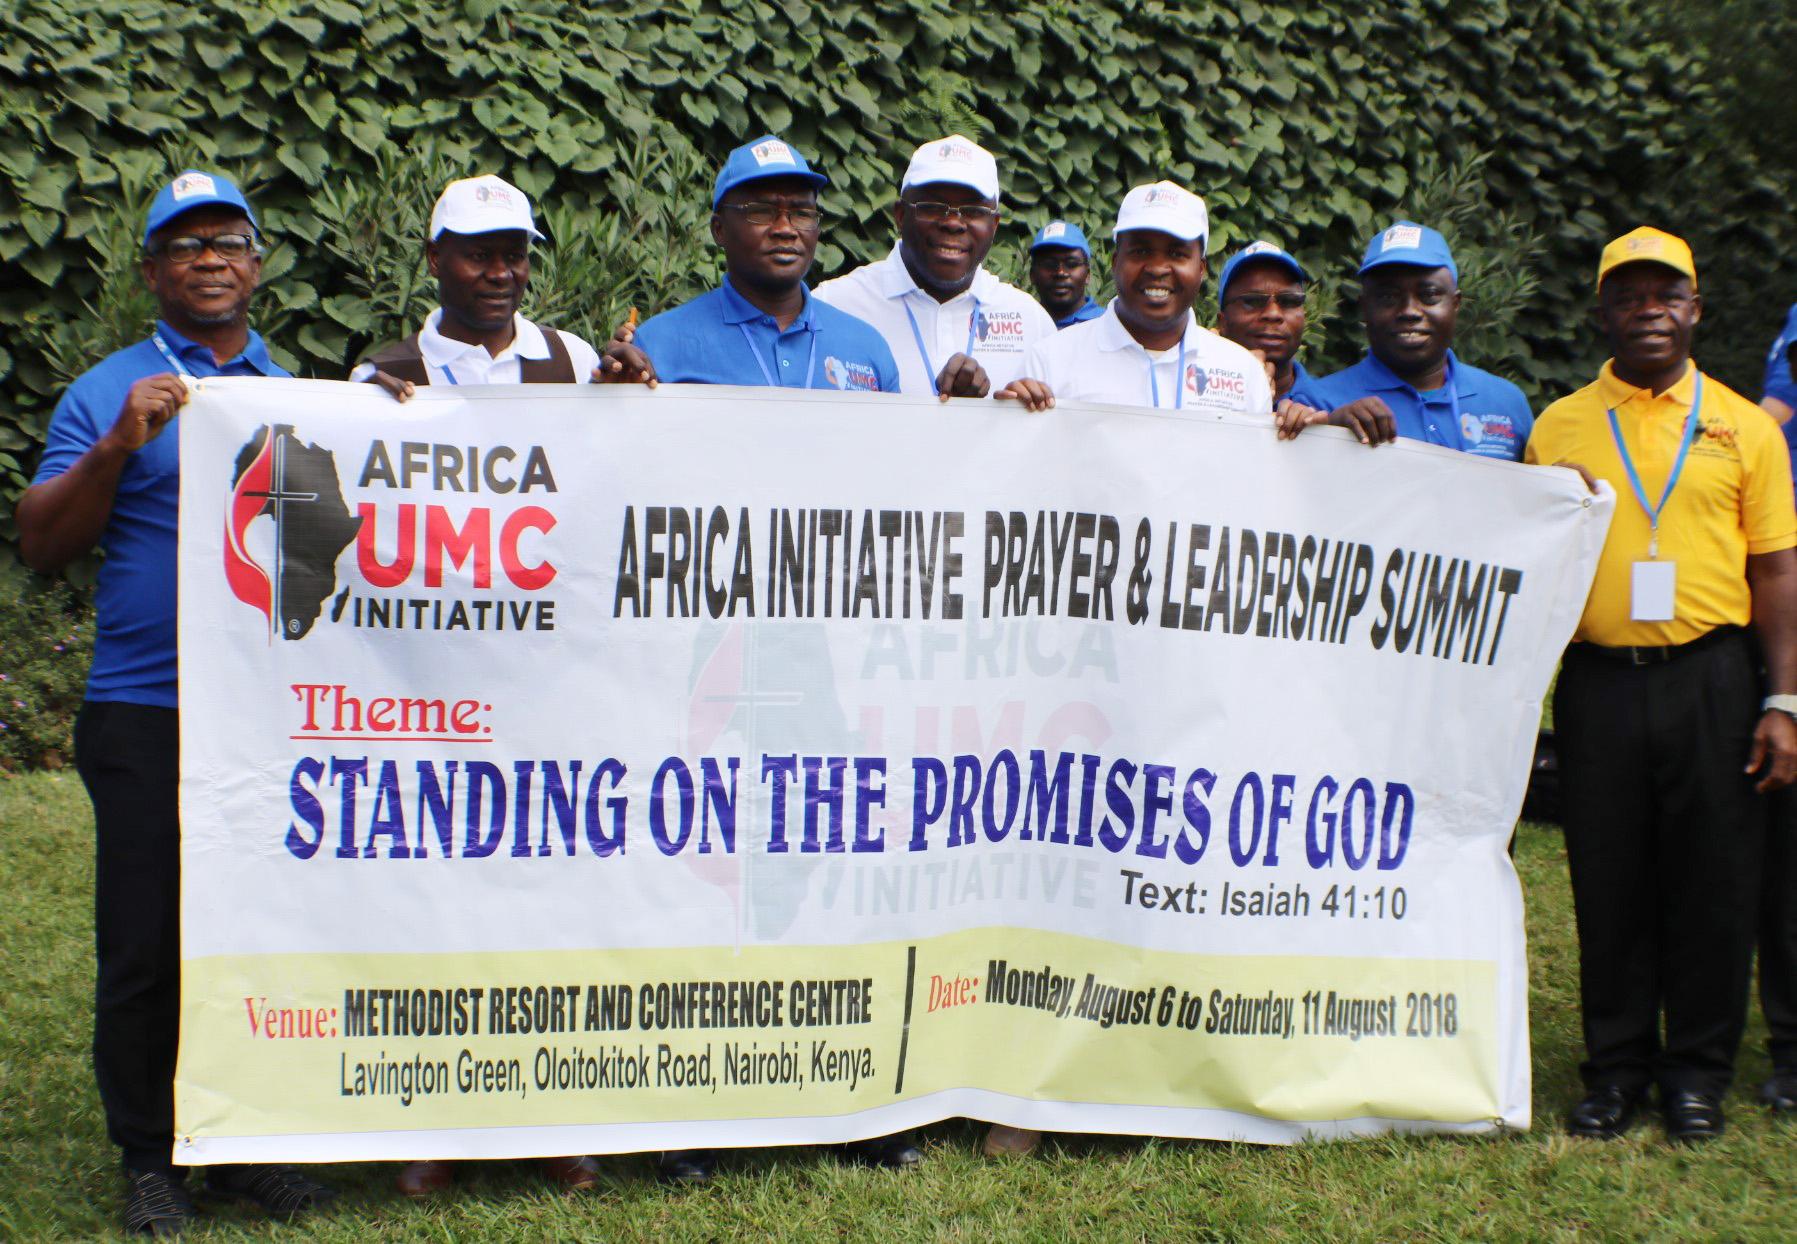 Les membres de l'équipe de direction de l'Initiative Afrique se réunissent en 2018 à Nairobi, au Kenya. Photo de Julu Swen, UMNS.